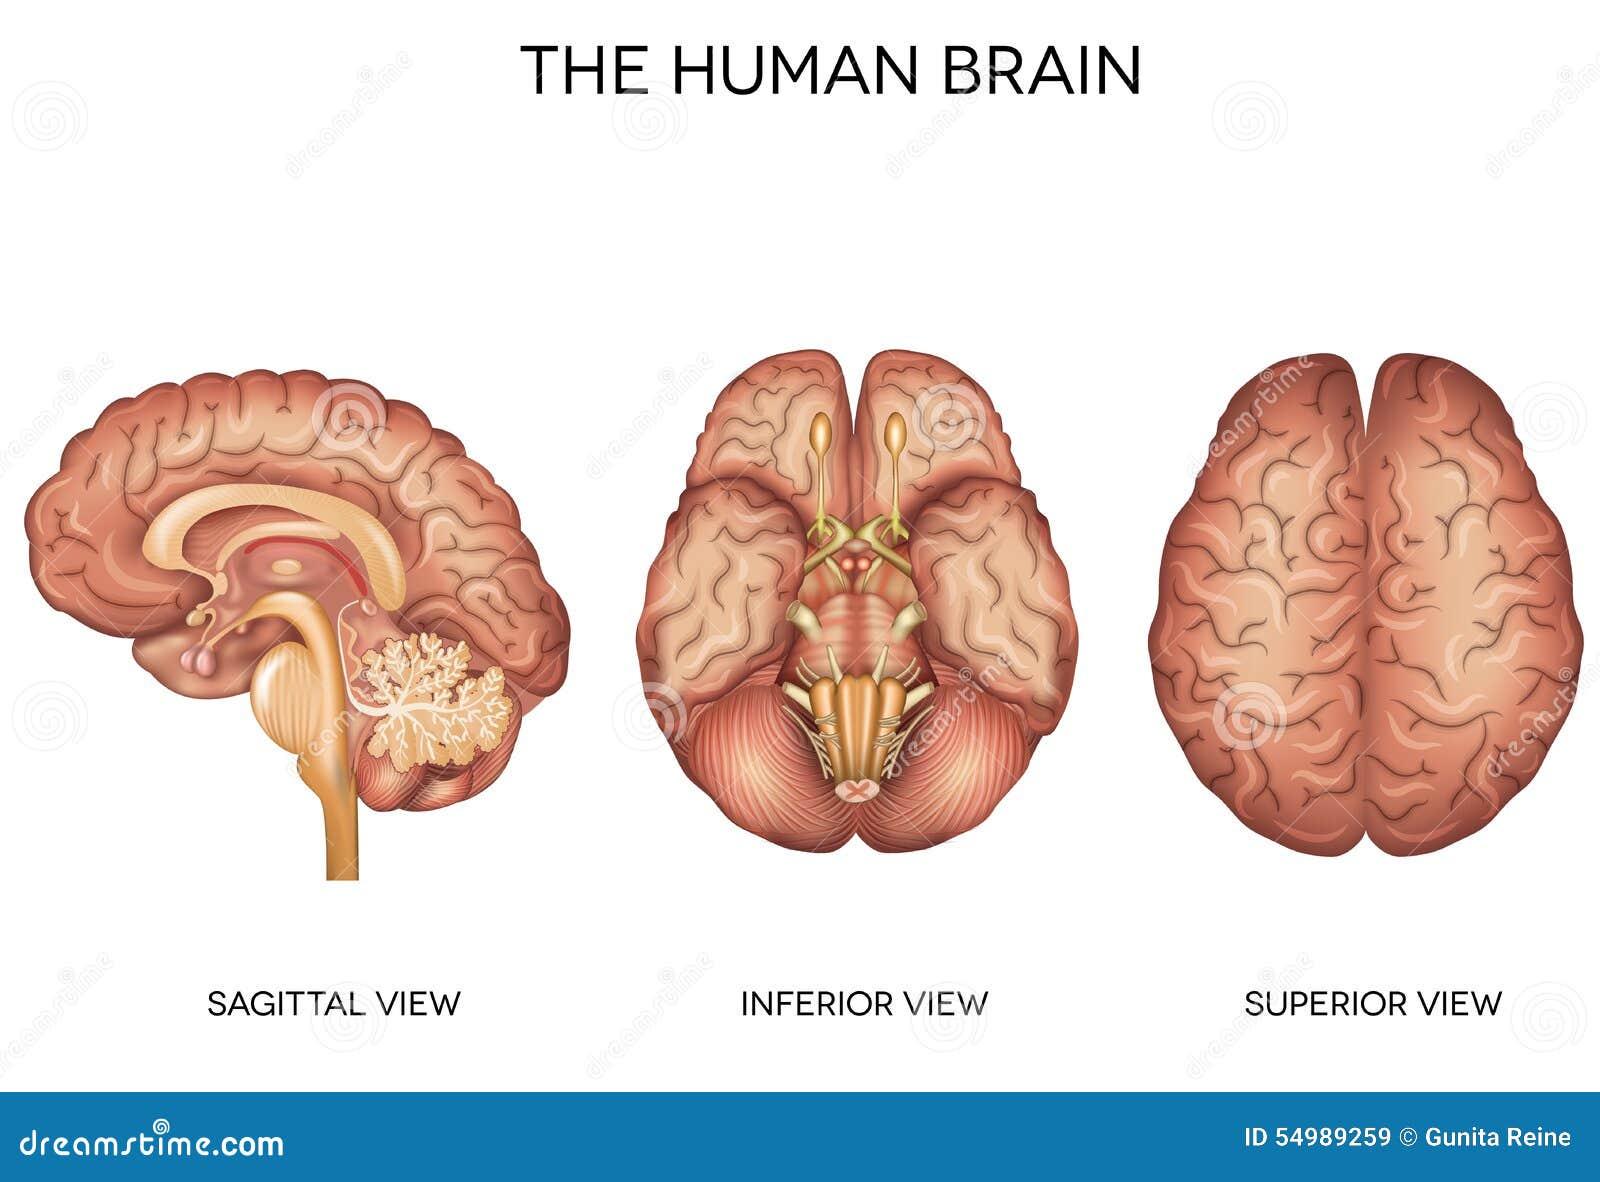 Ausführliche Anatomie Des Menschlichen Gehirns Vektor Abbildung ...